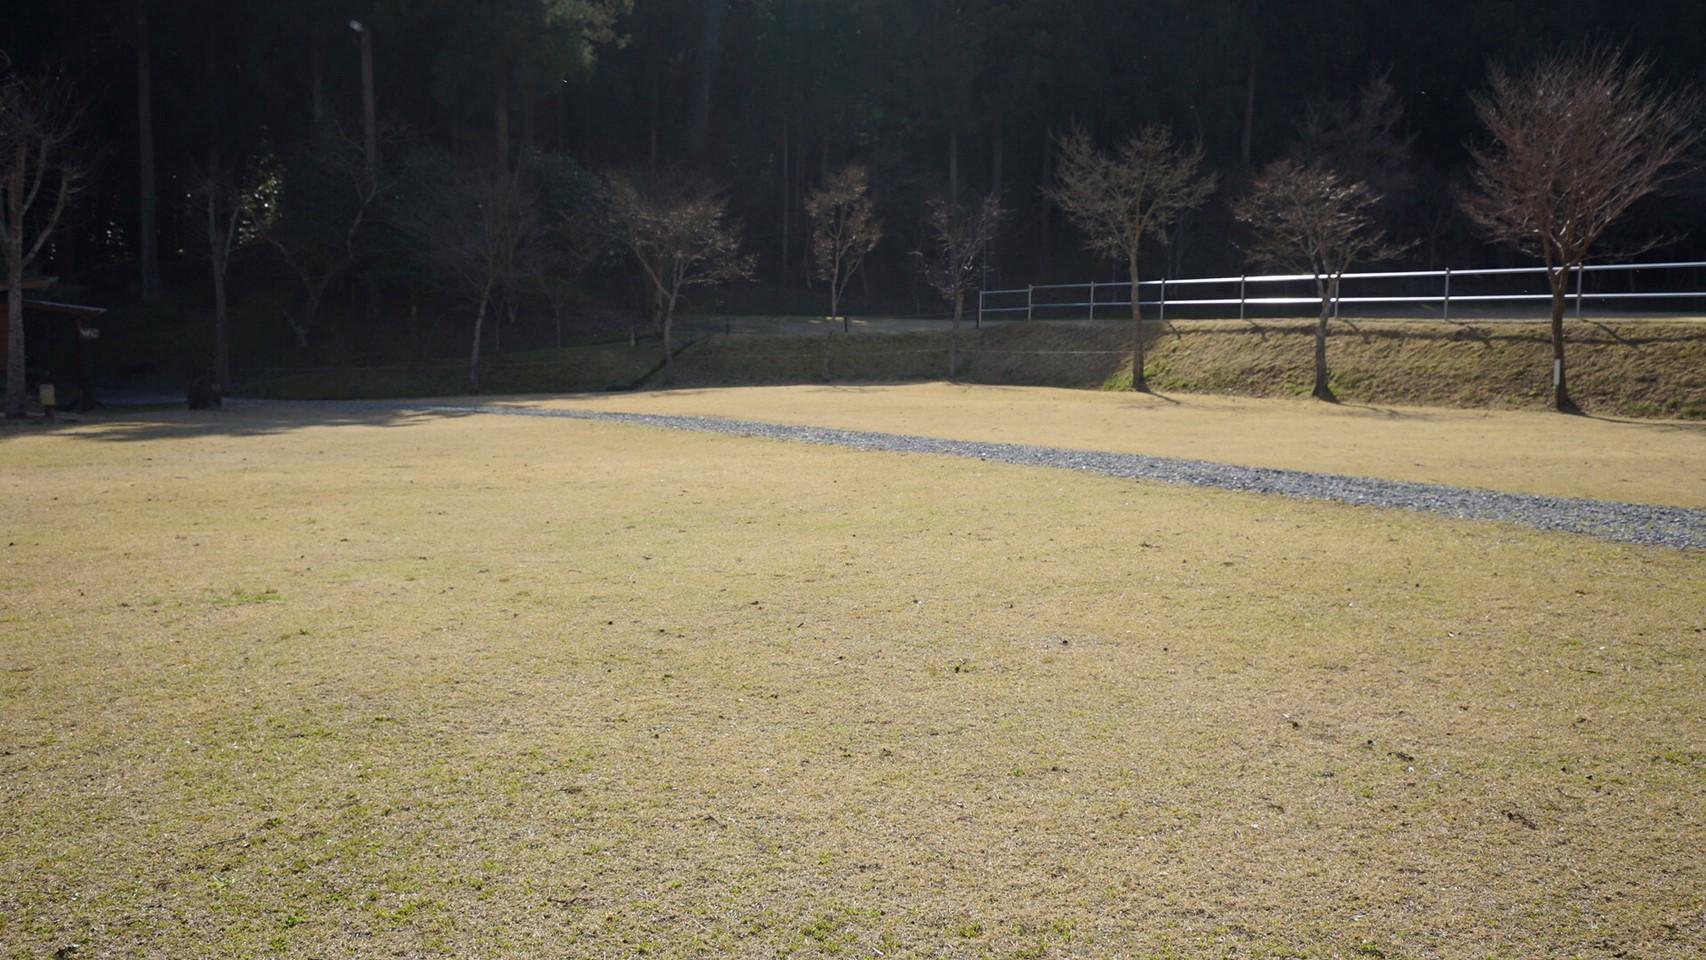 【富士が見える芝サイト 御殿場市】『御殿場欅平ファミリーキャンプ場』攻略ガイド(駐車場・トイレ)